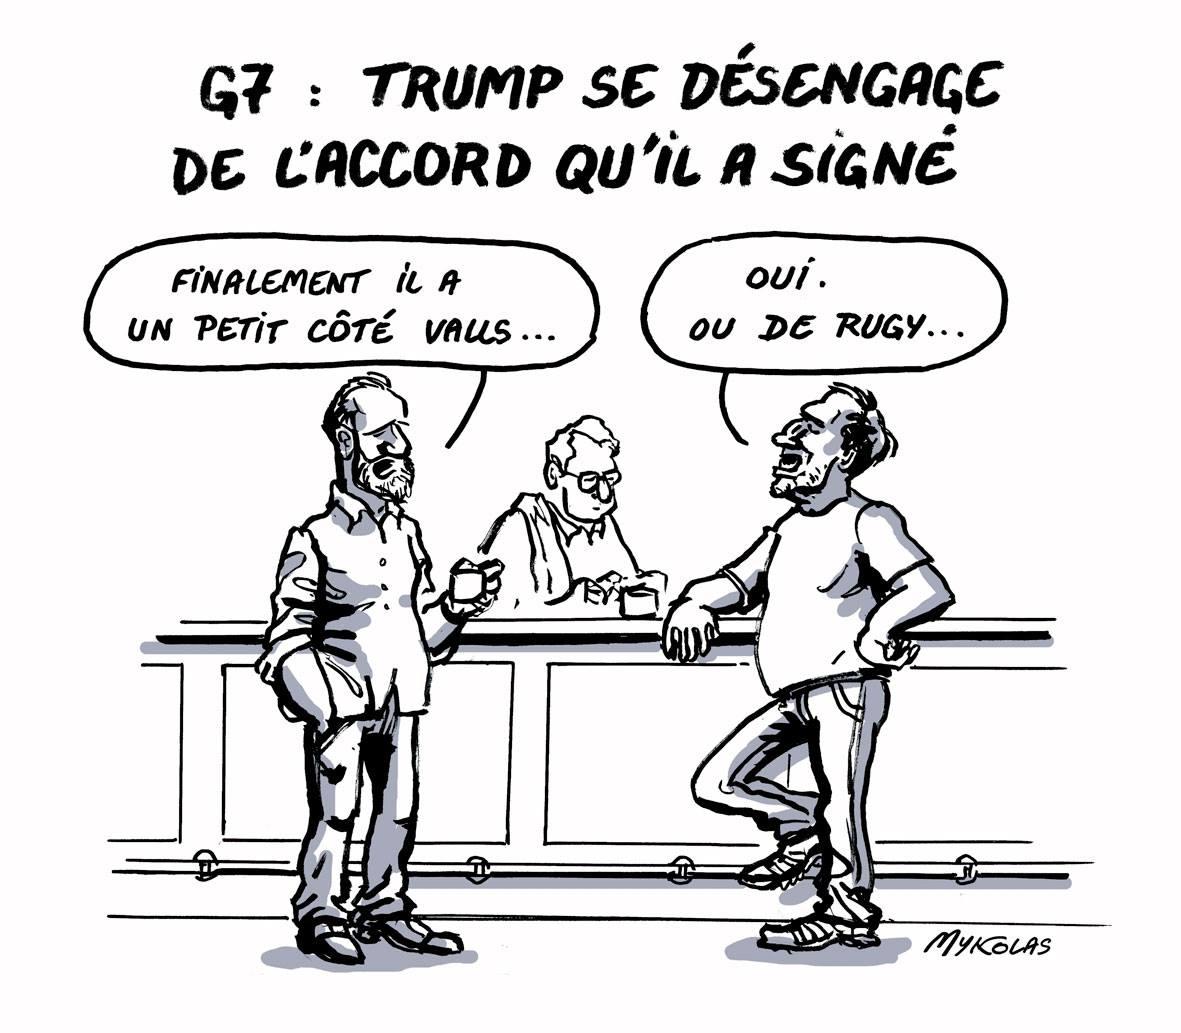 dessin d'actualité de consommateur dans un bar parlant de Donald Trump et du G7